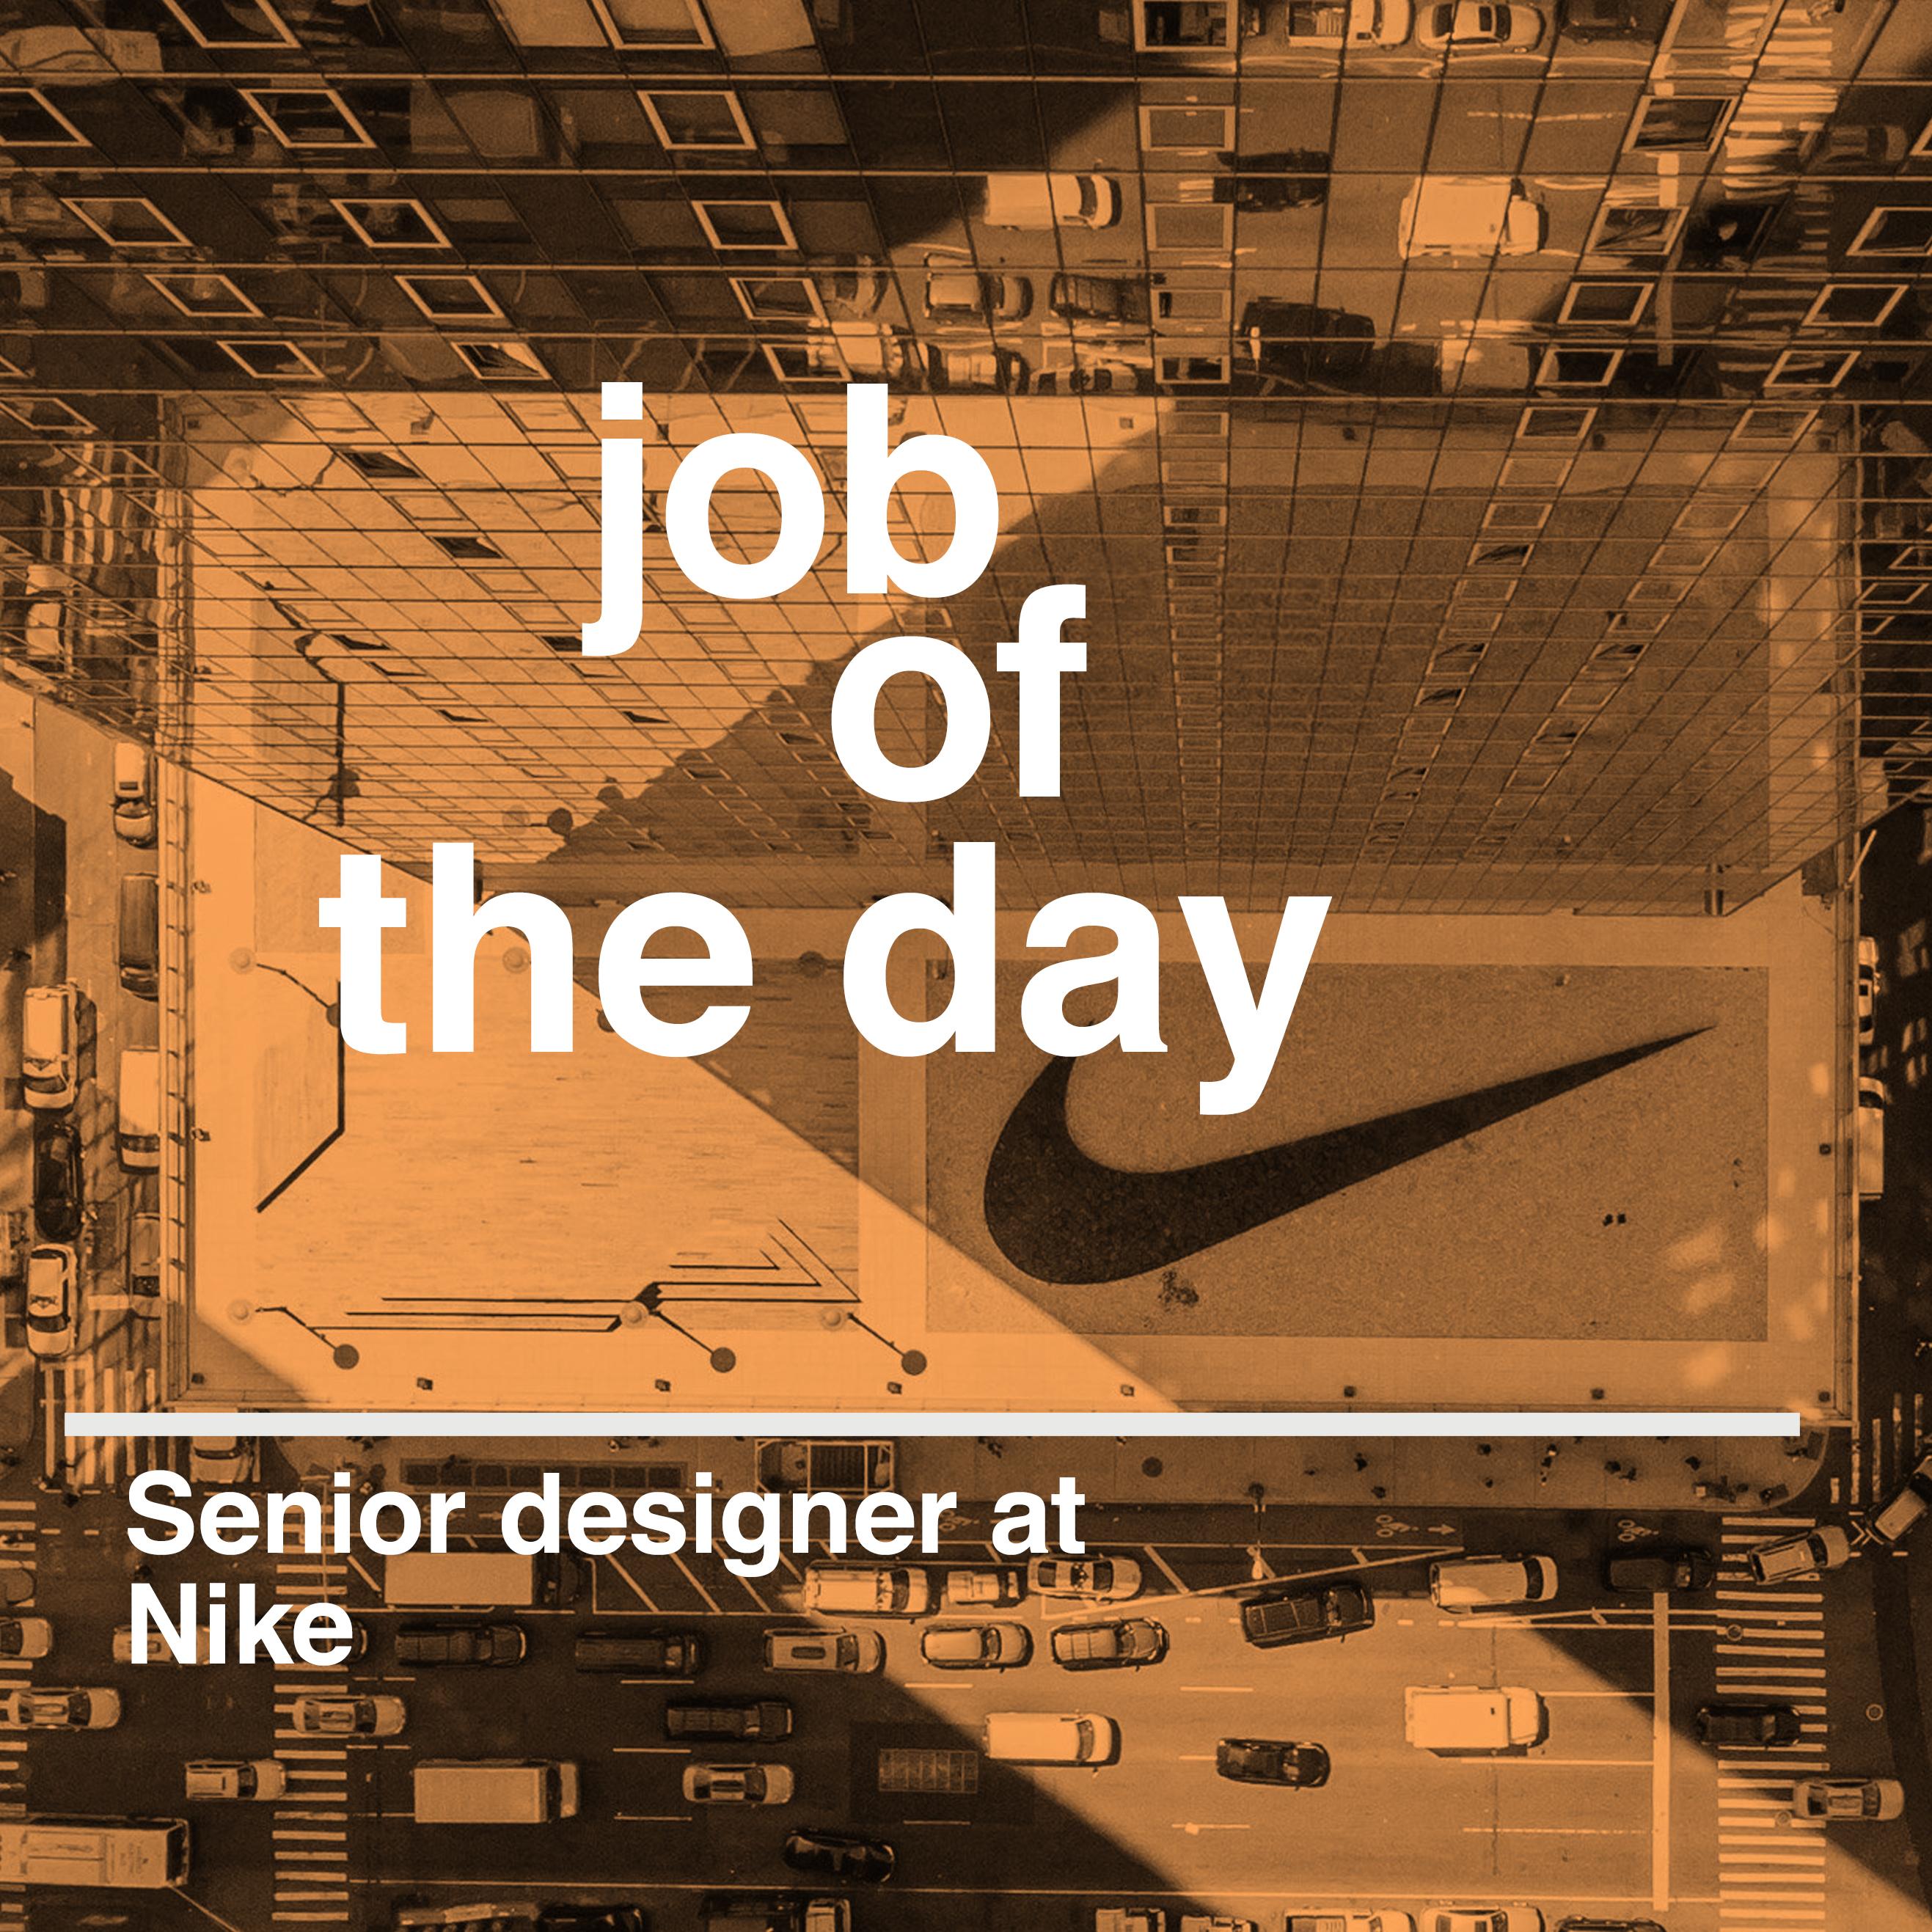 Poster design jobs london - Job Of The Day Senior Designer At Nike